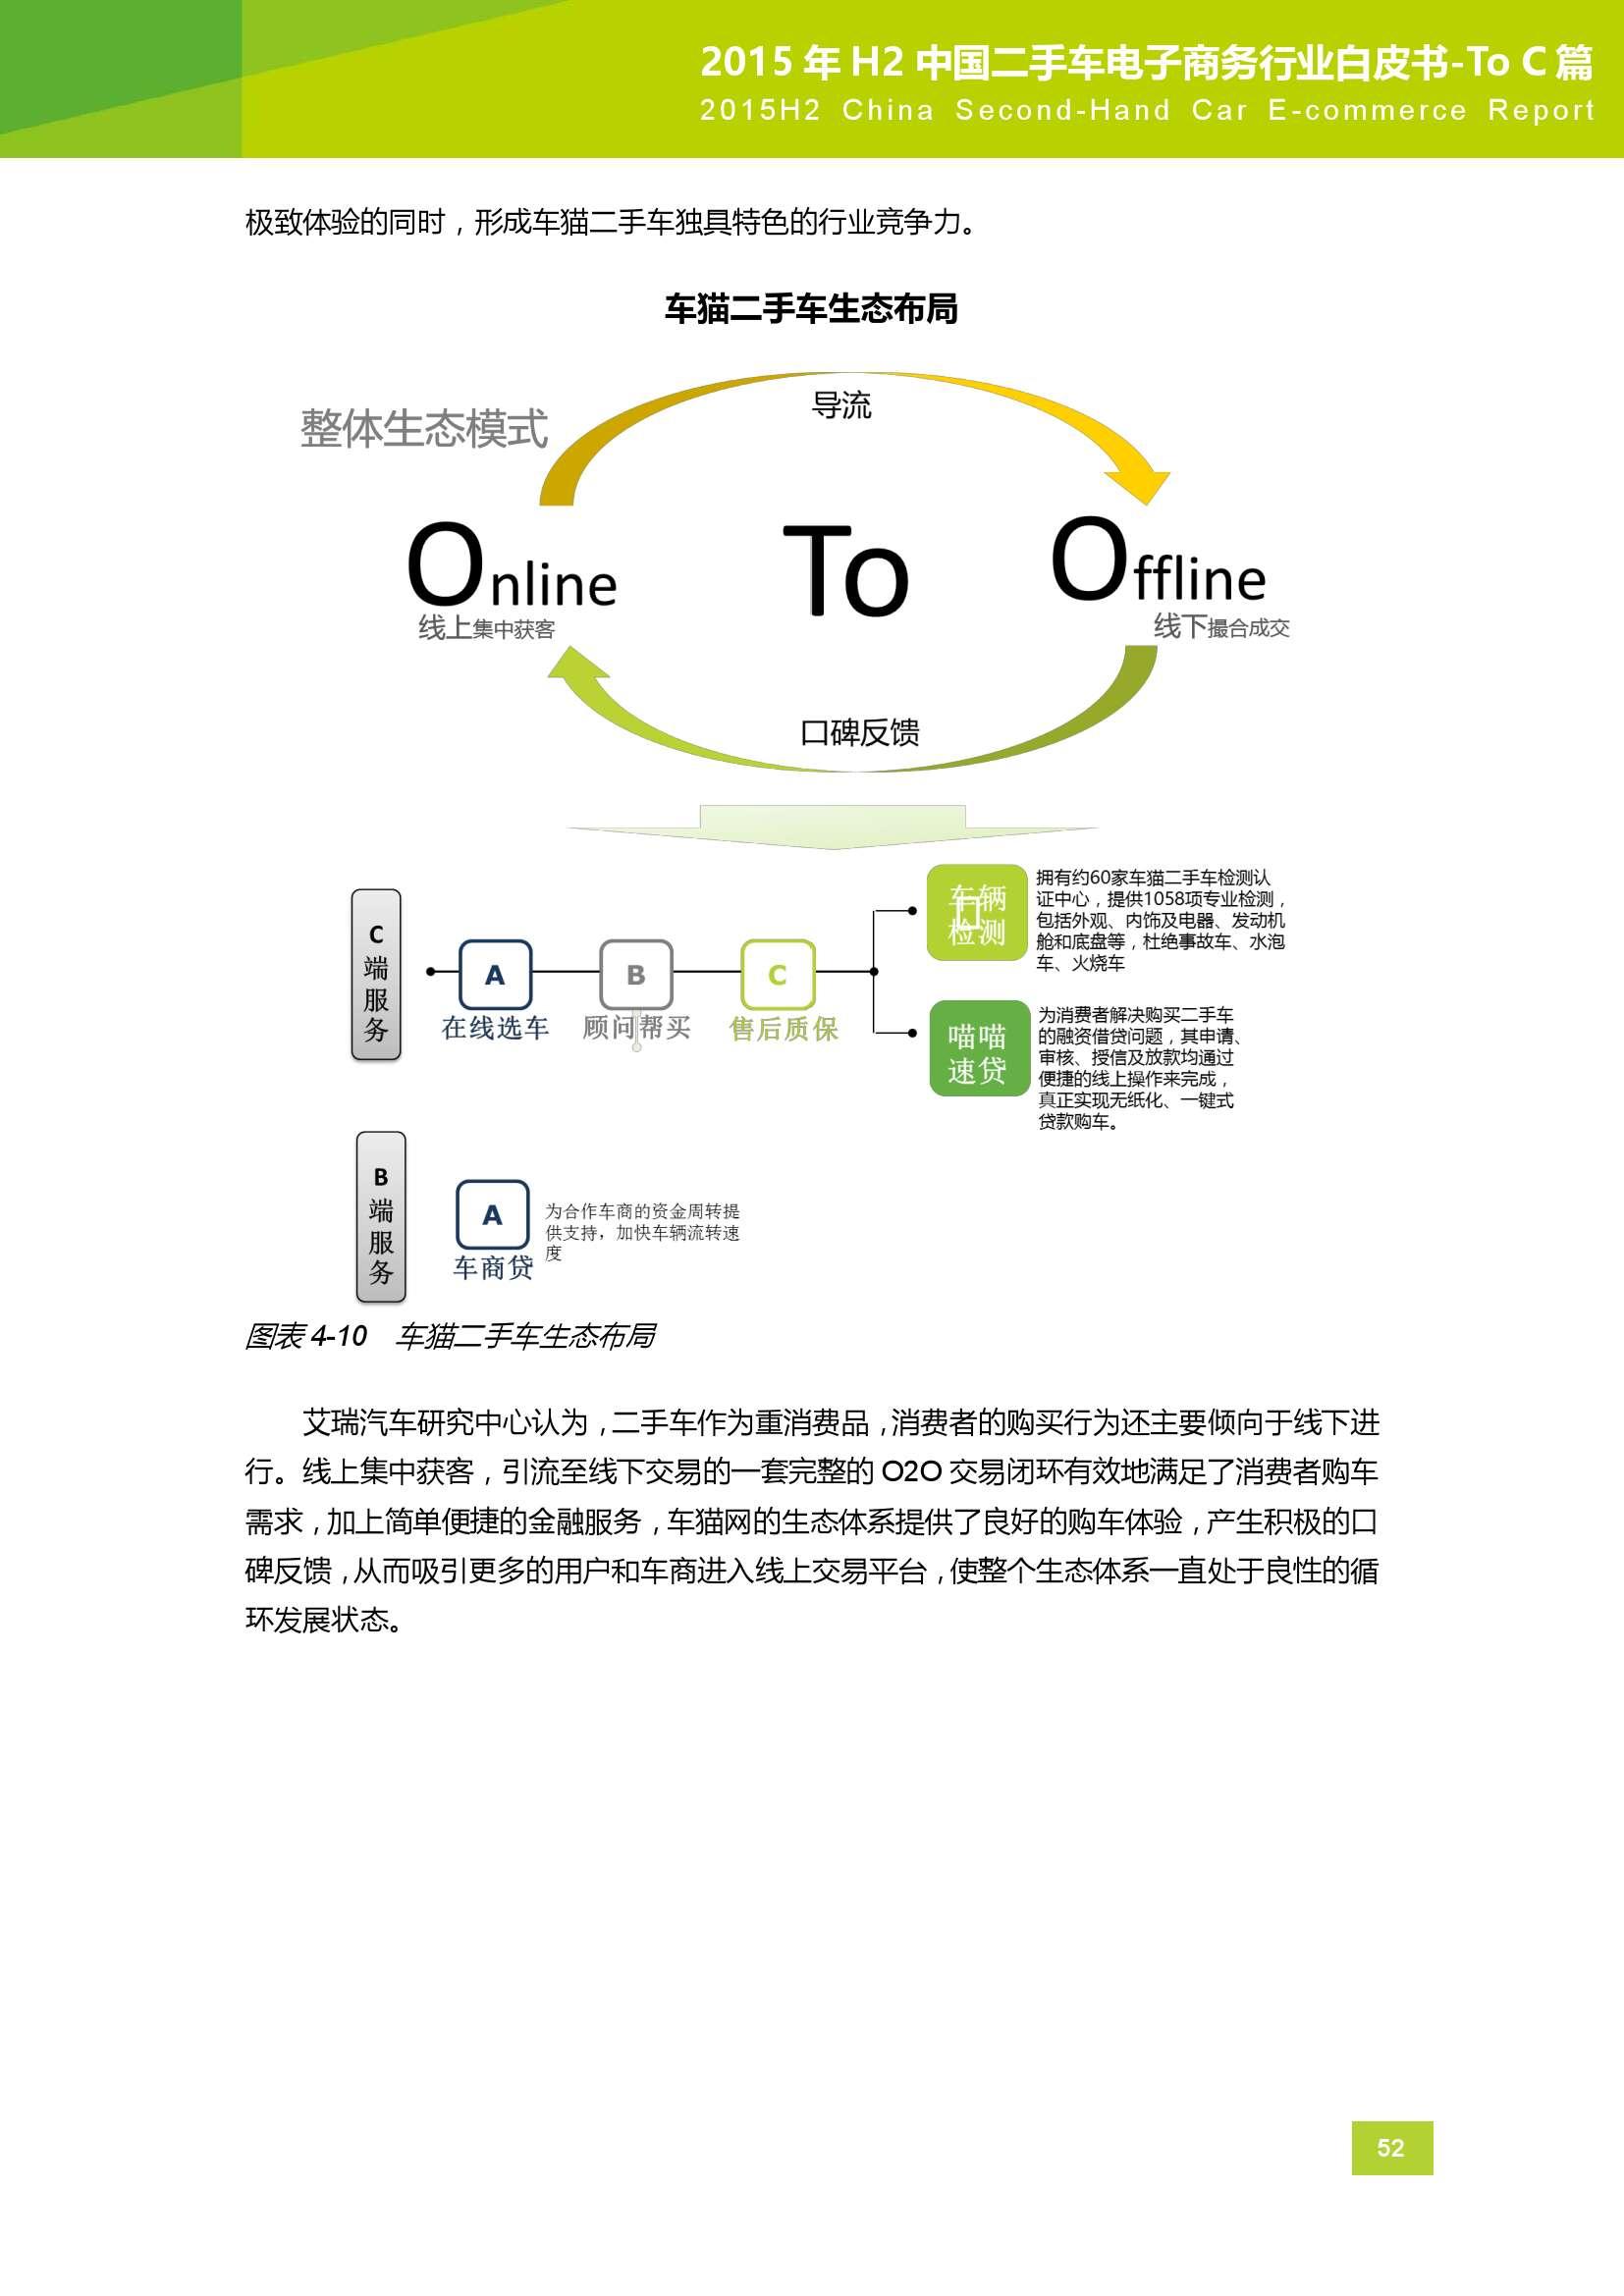 2015年H2中国二手车电子商务行业白皮书_000052